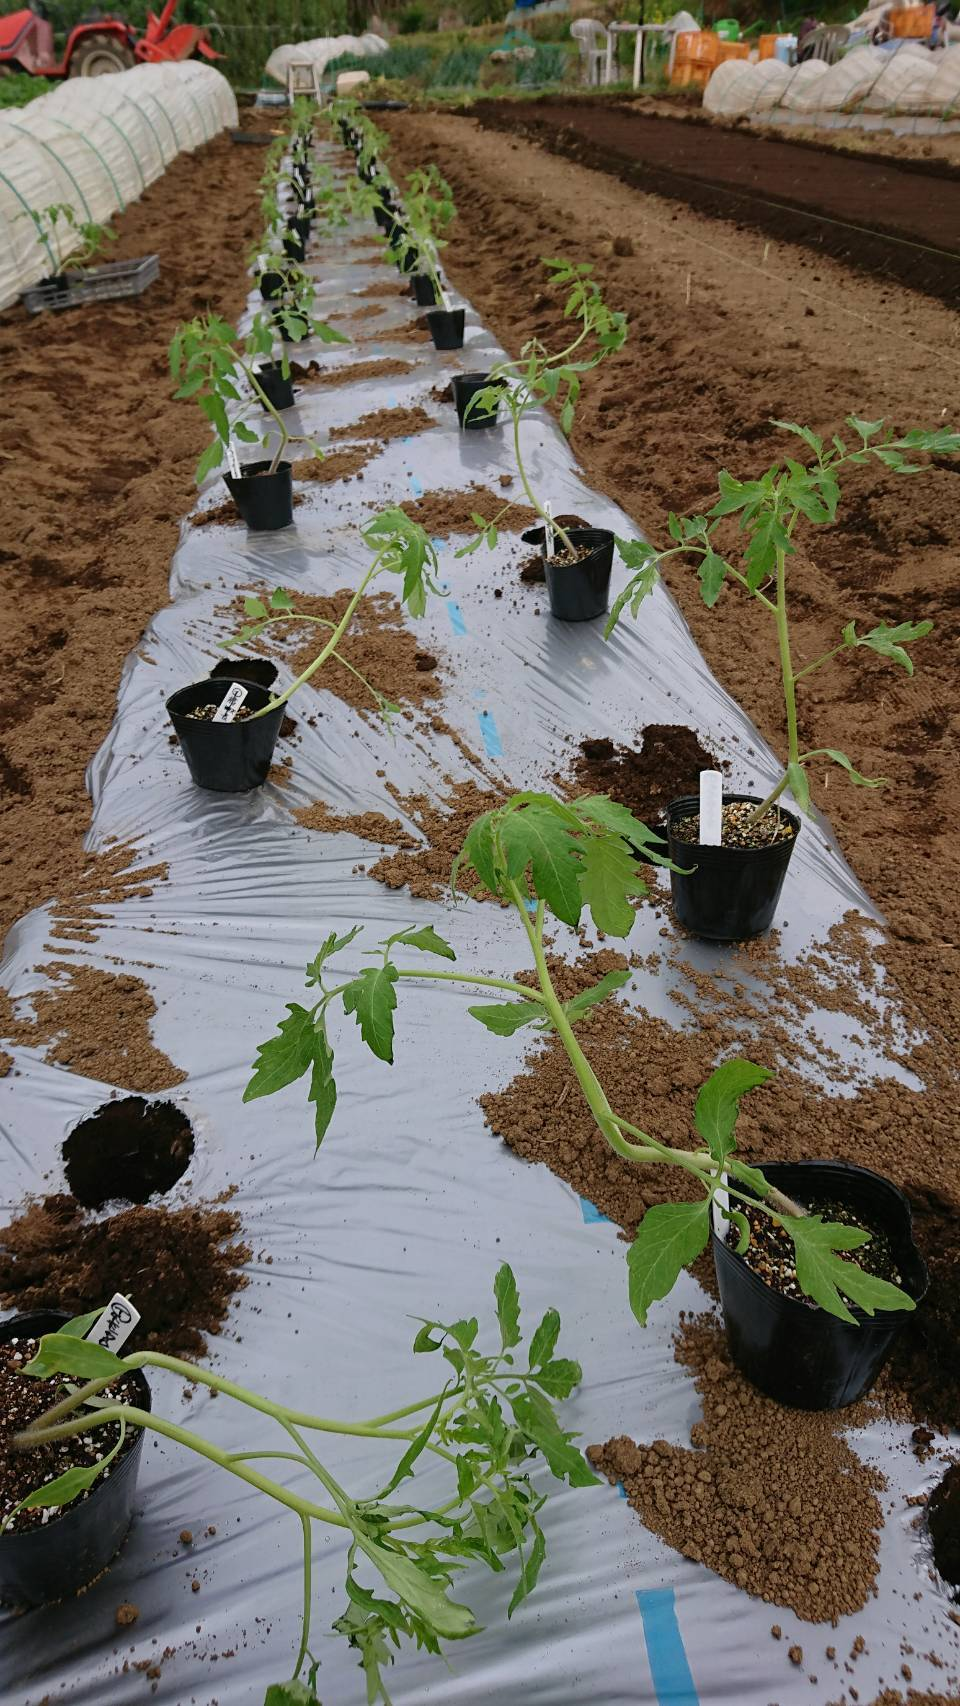 トマトの苗定植終了 明日から茄子とパプリカ・・・_c0222448_15354148.jpg